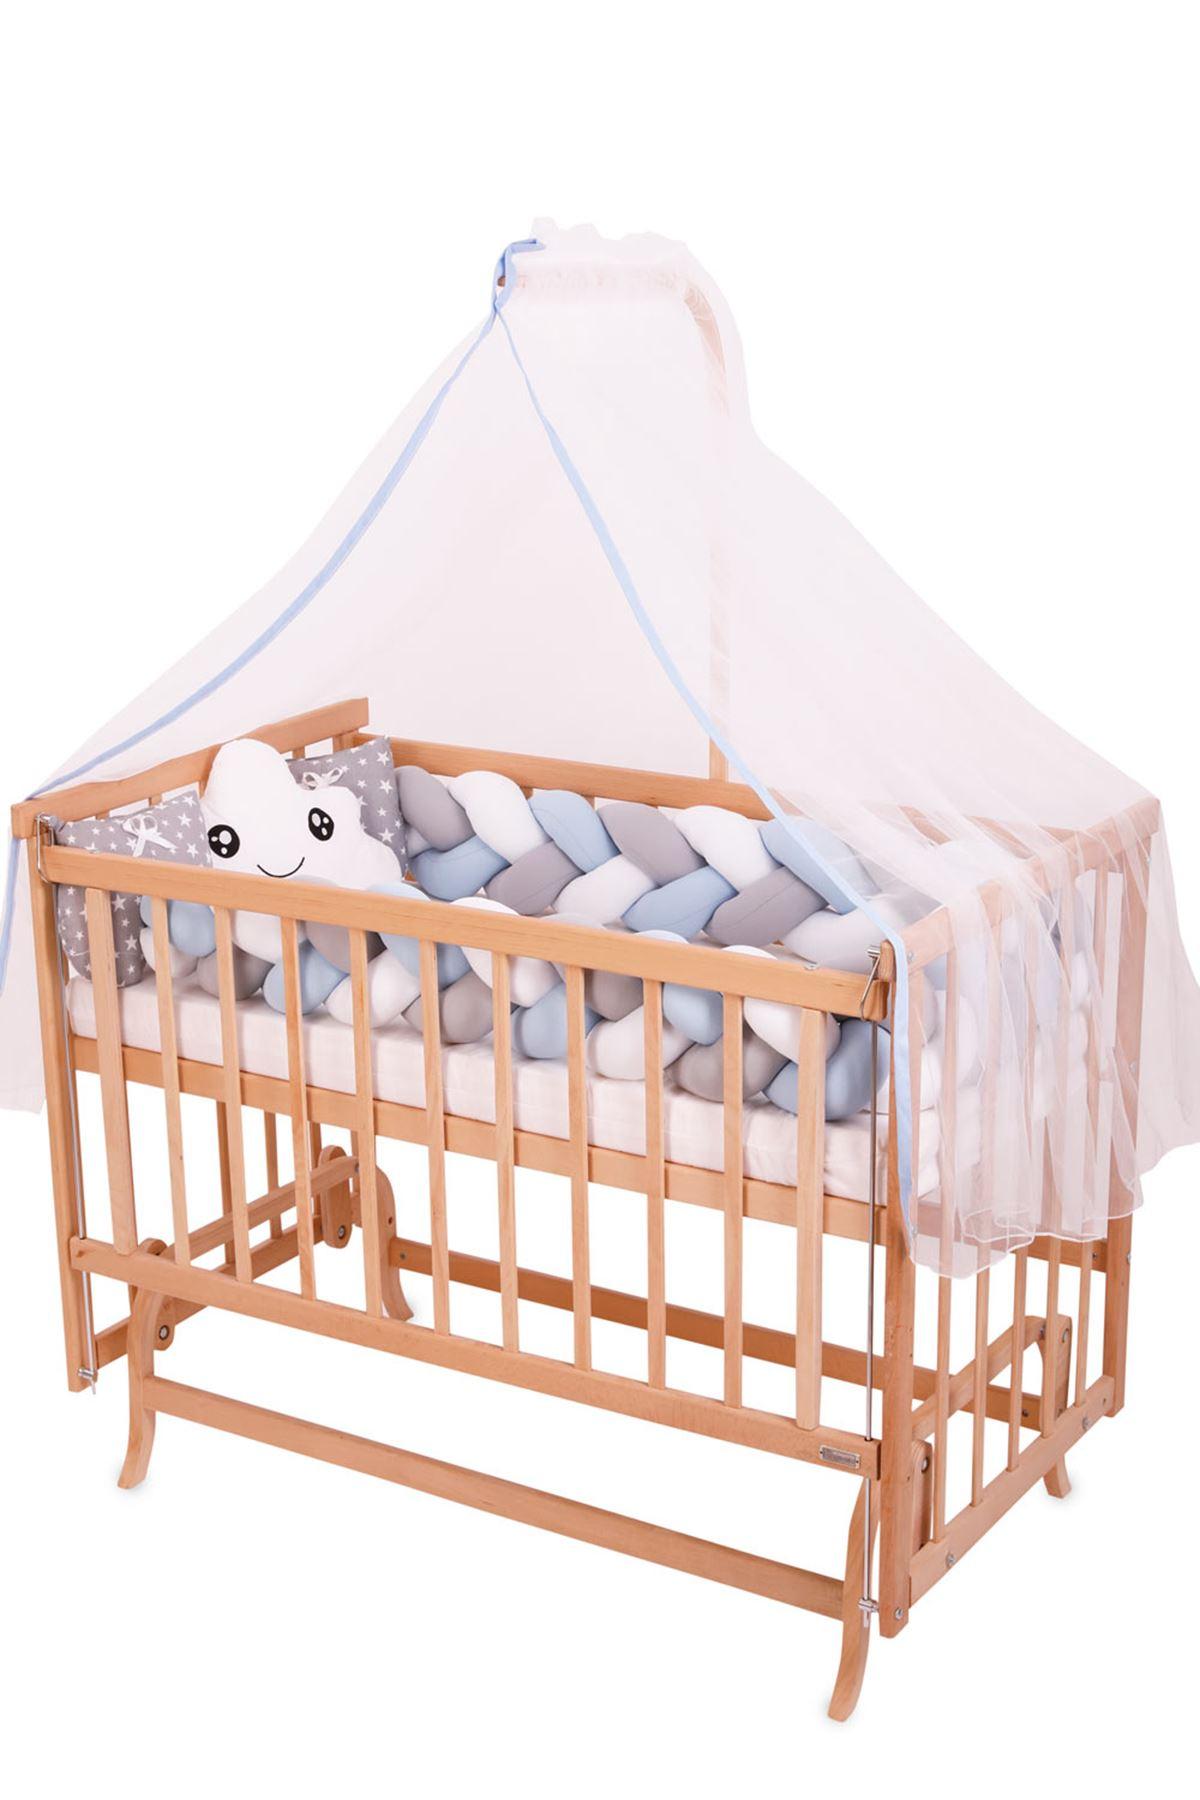 سرير خشبي مستطيل 5 سنوات جدله زهري